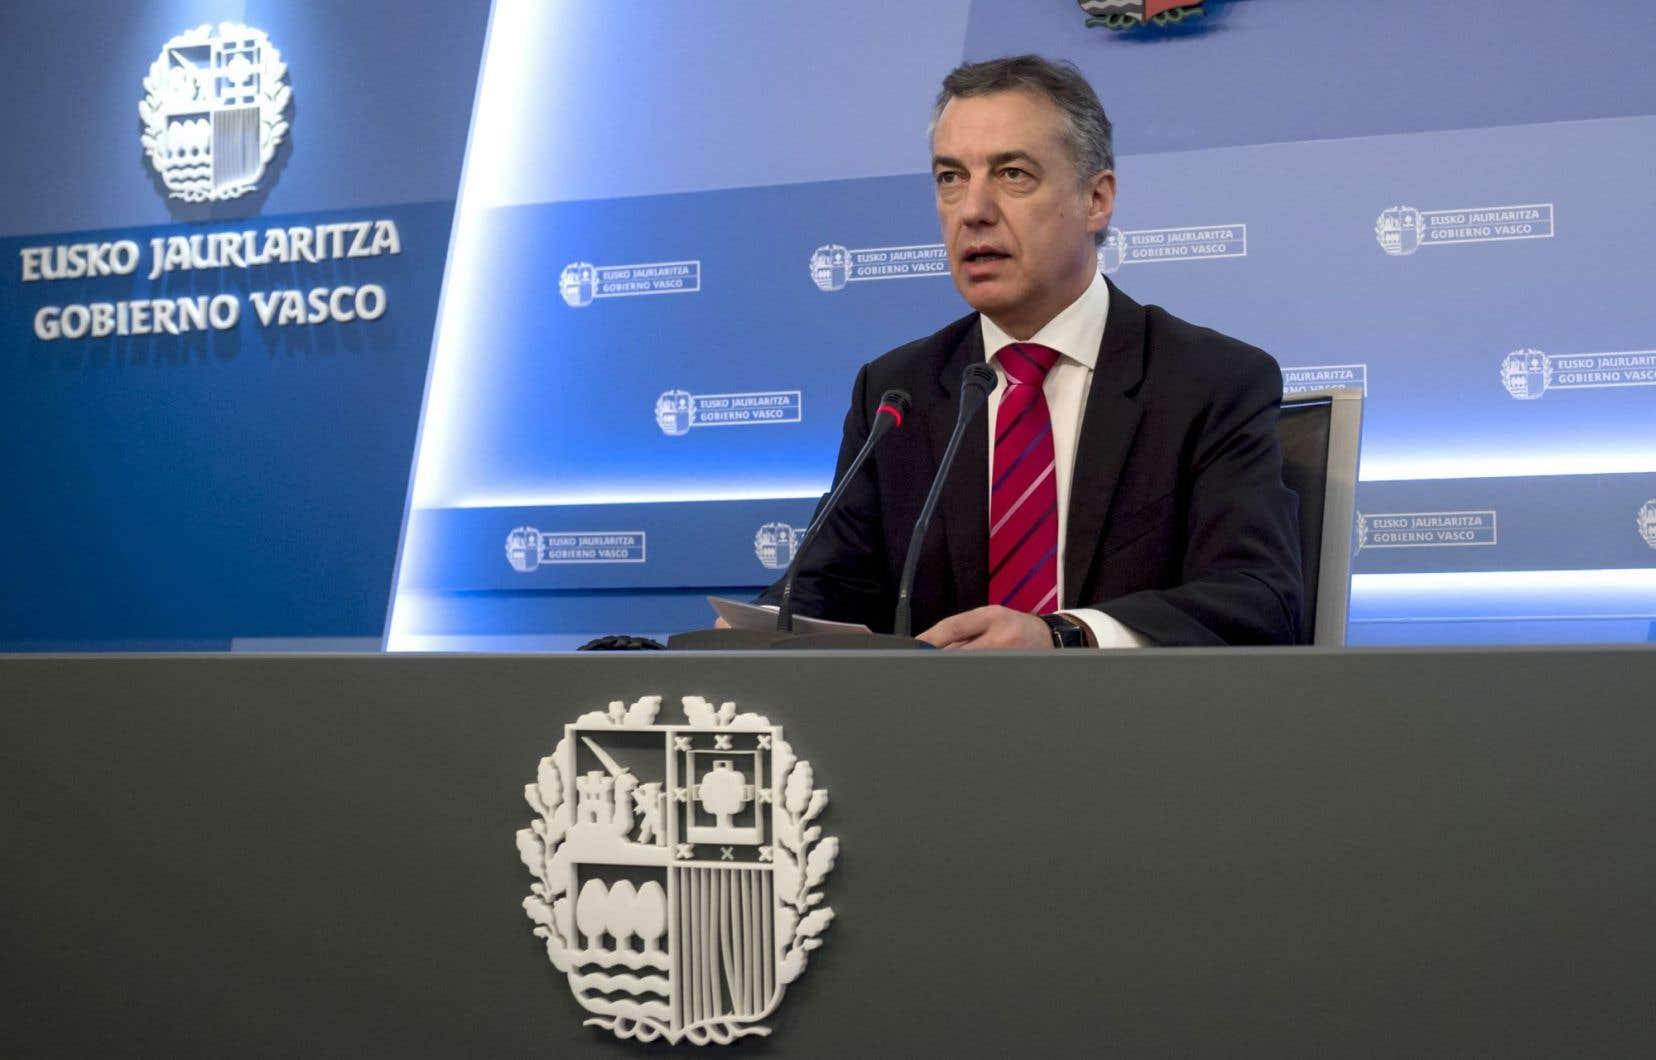 Inigo Urkullu, le chef du gouvernement régional basque